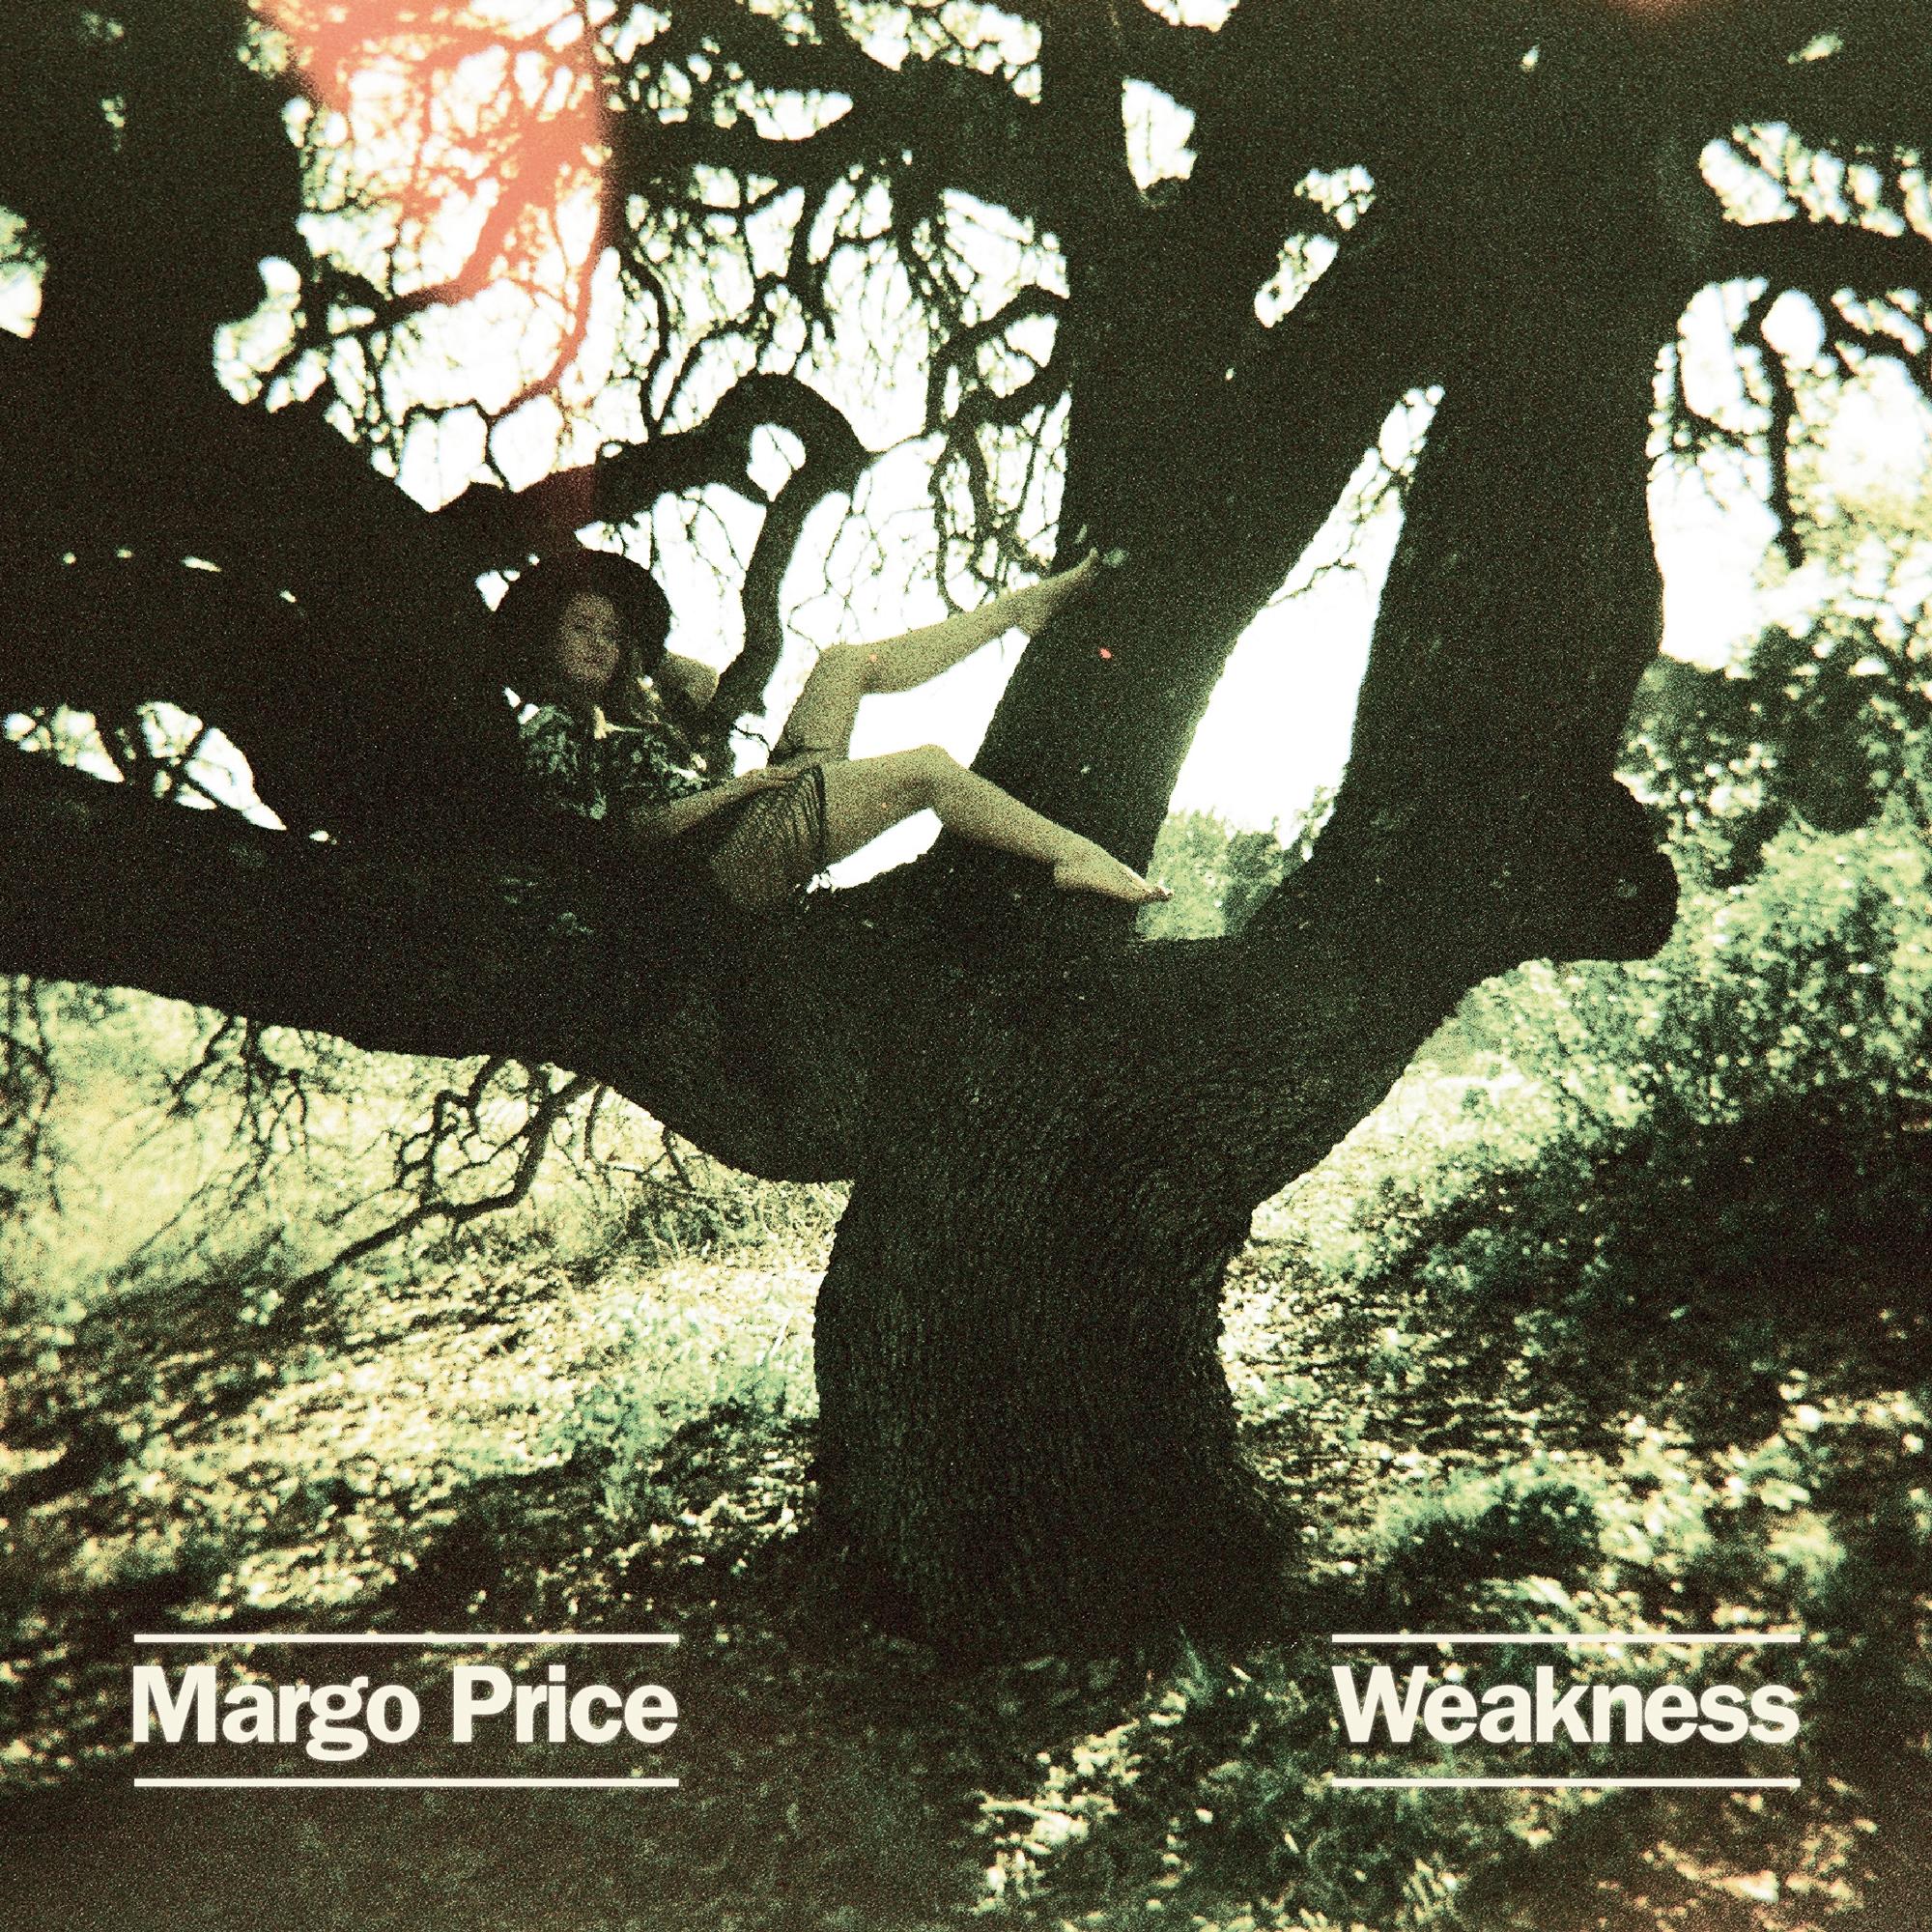 Margo Price's Weakness EP